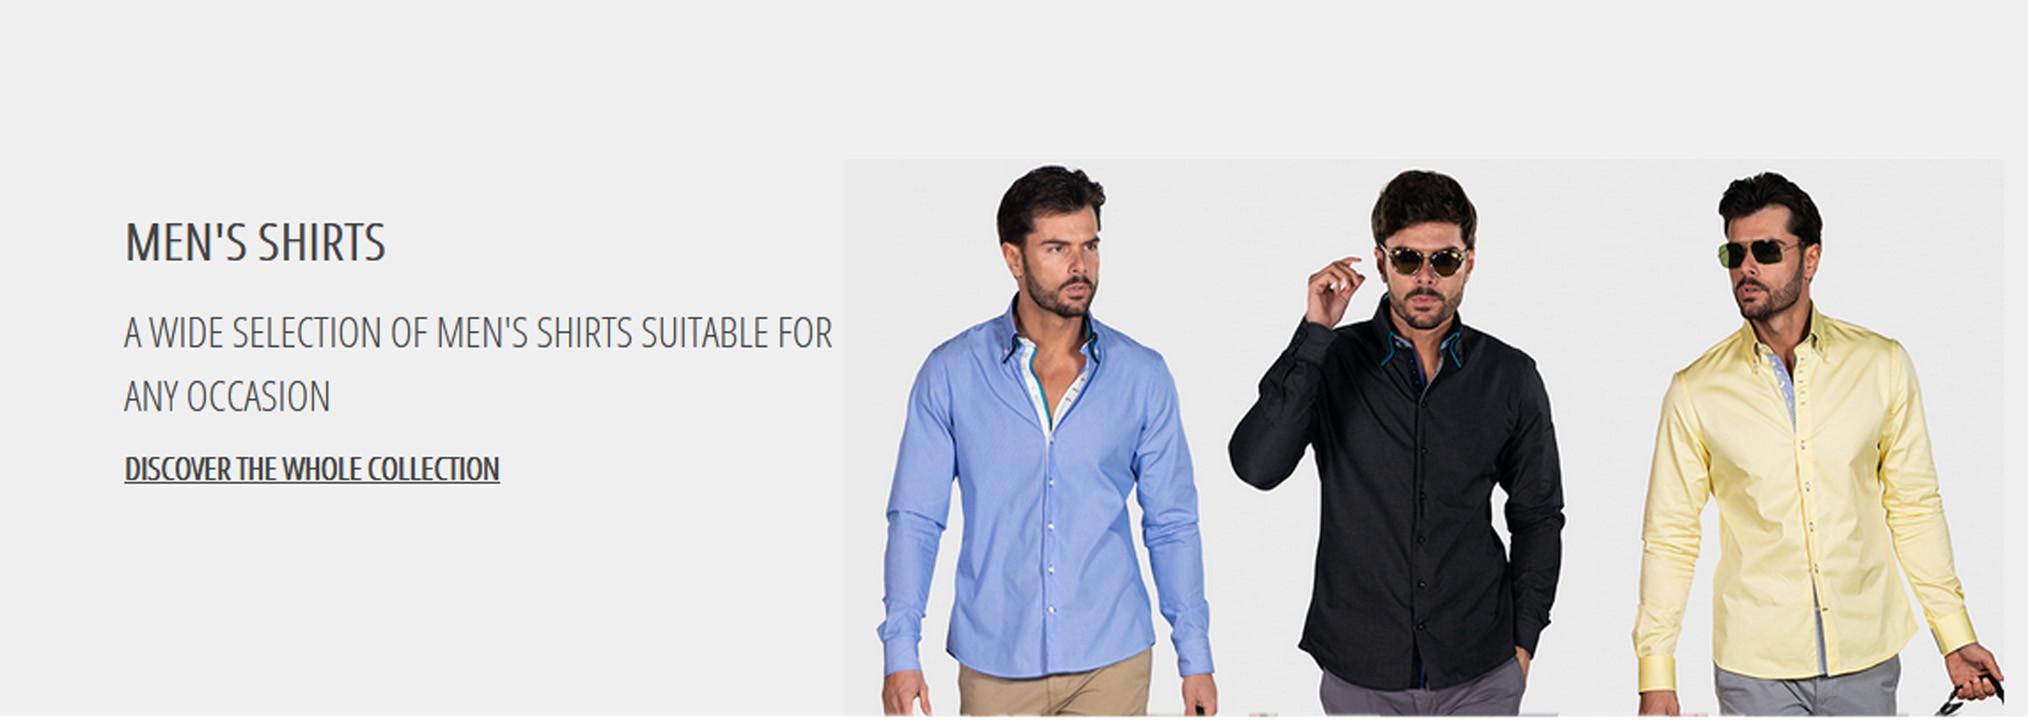 Нові коллекції стильних сорочок від італійського бренду